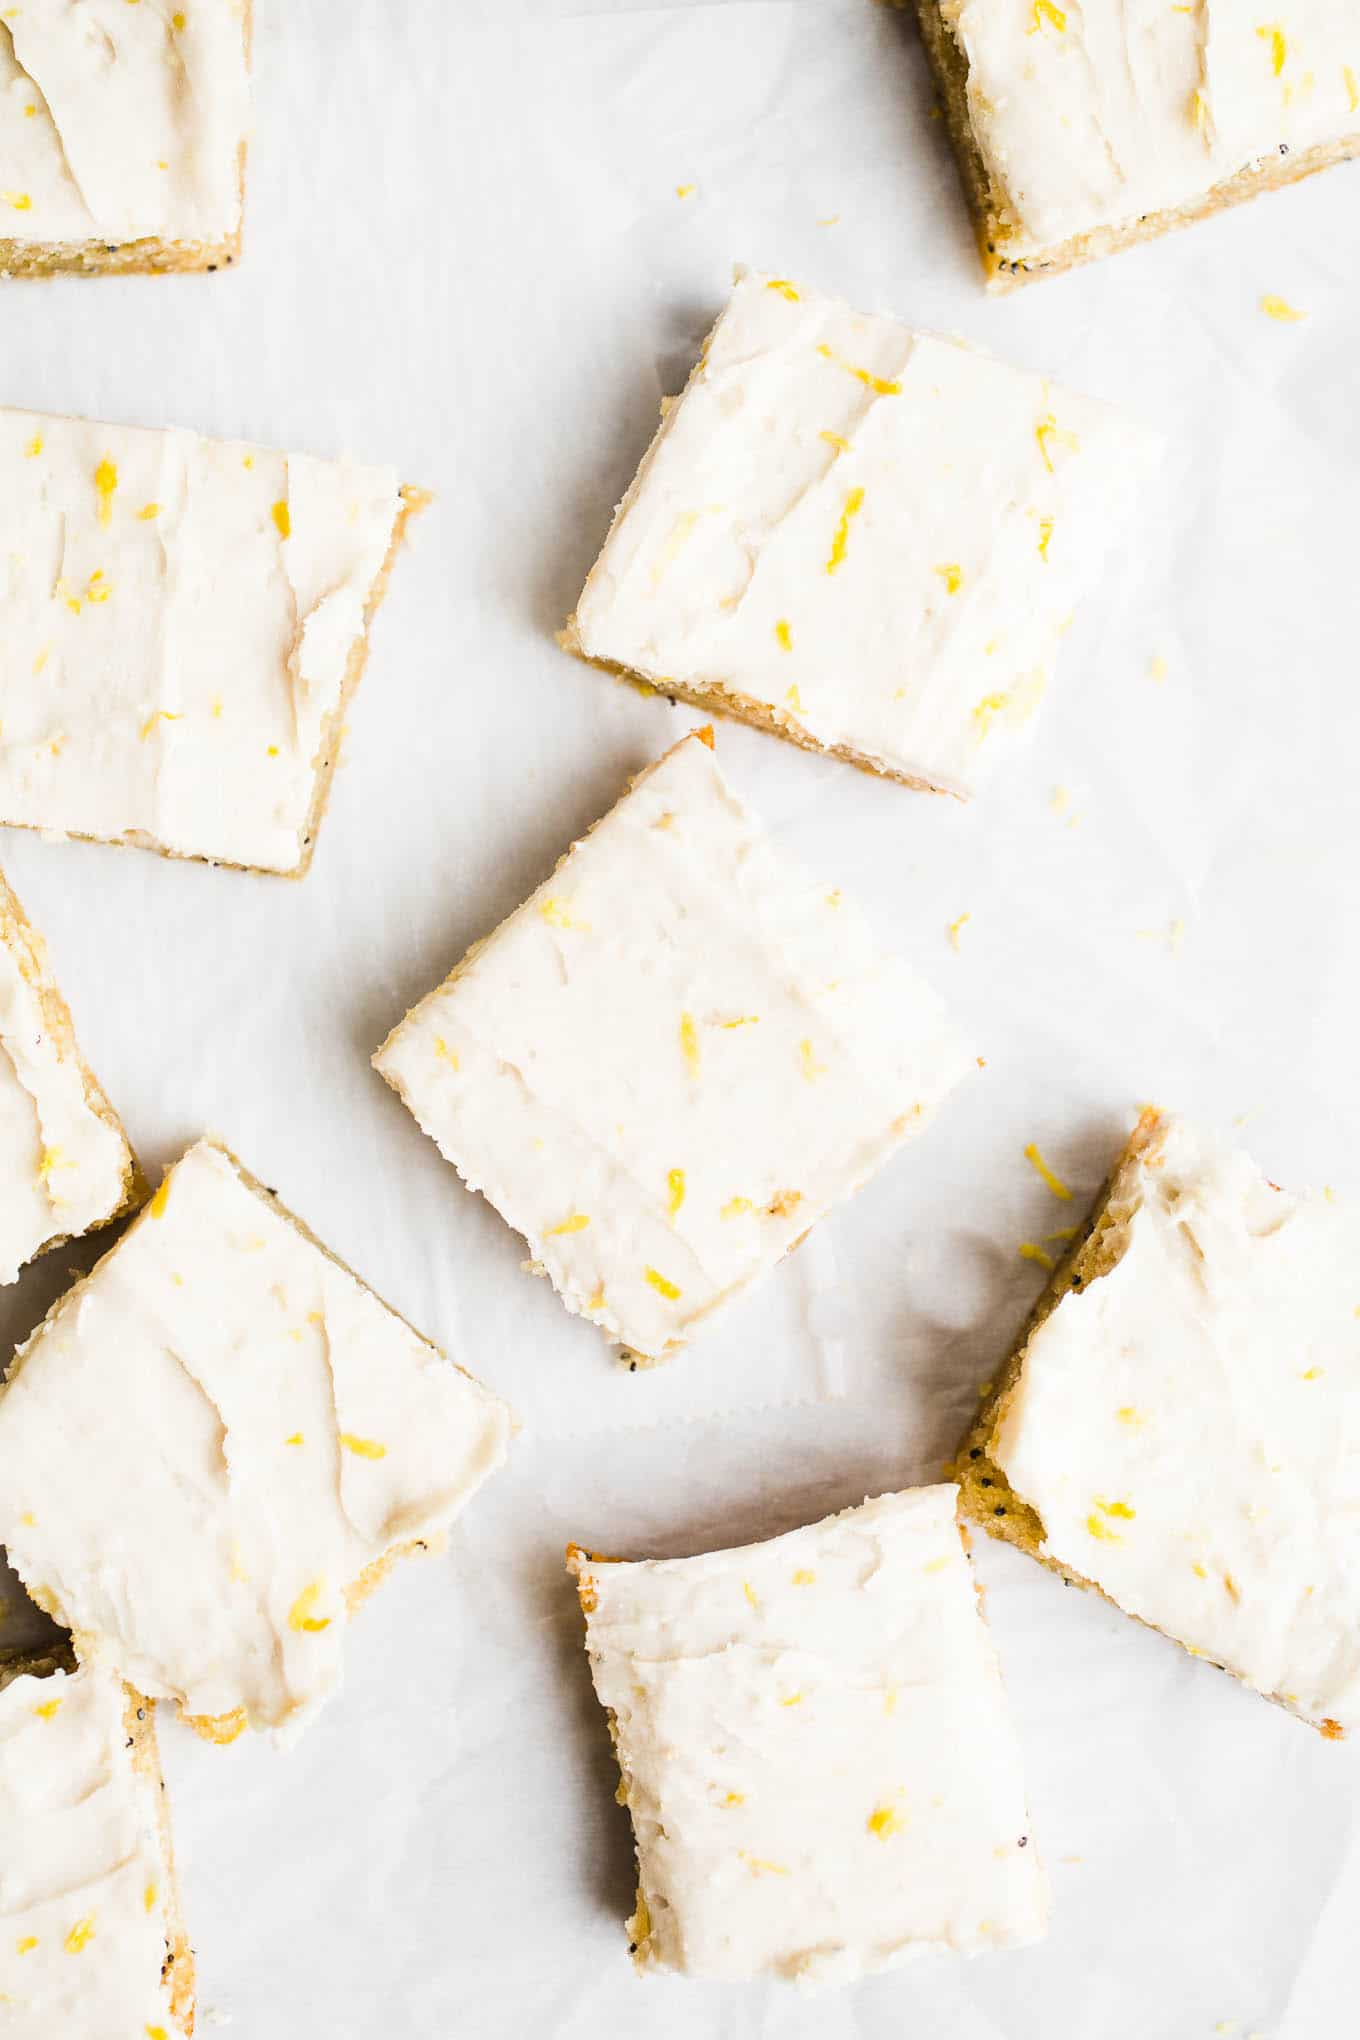 Vegan Lemon Poppyseed Snack Cake with Lemon Buttercream Frosting